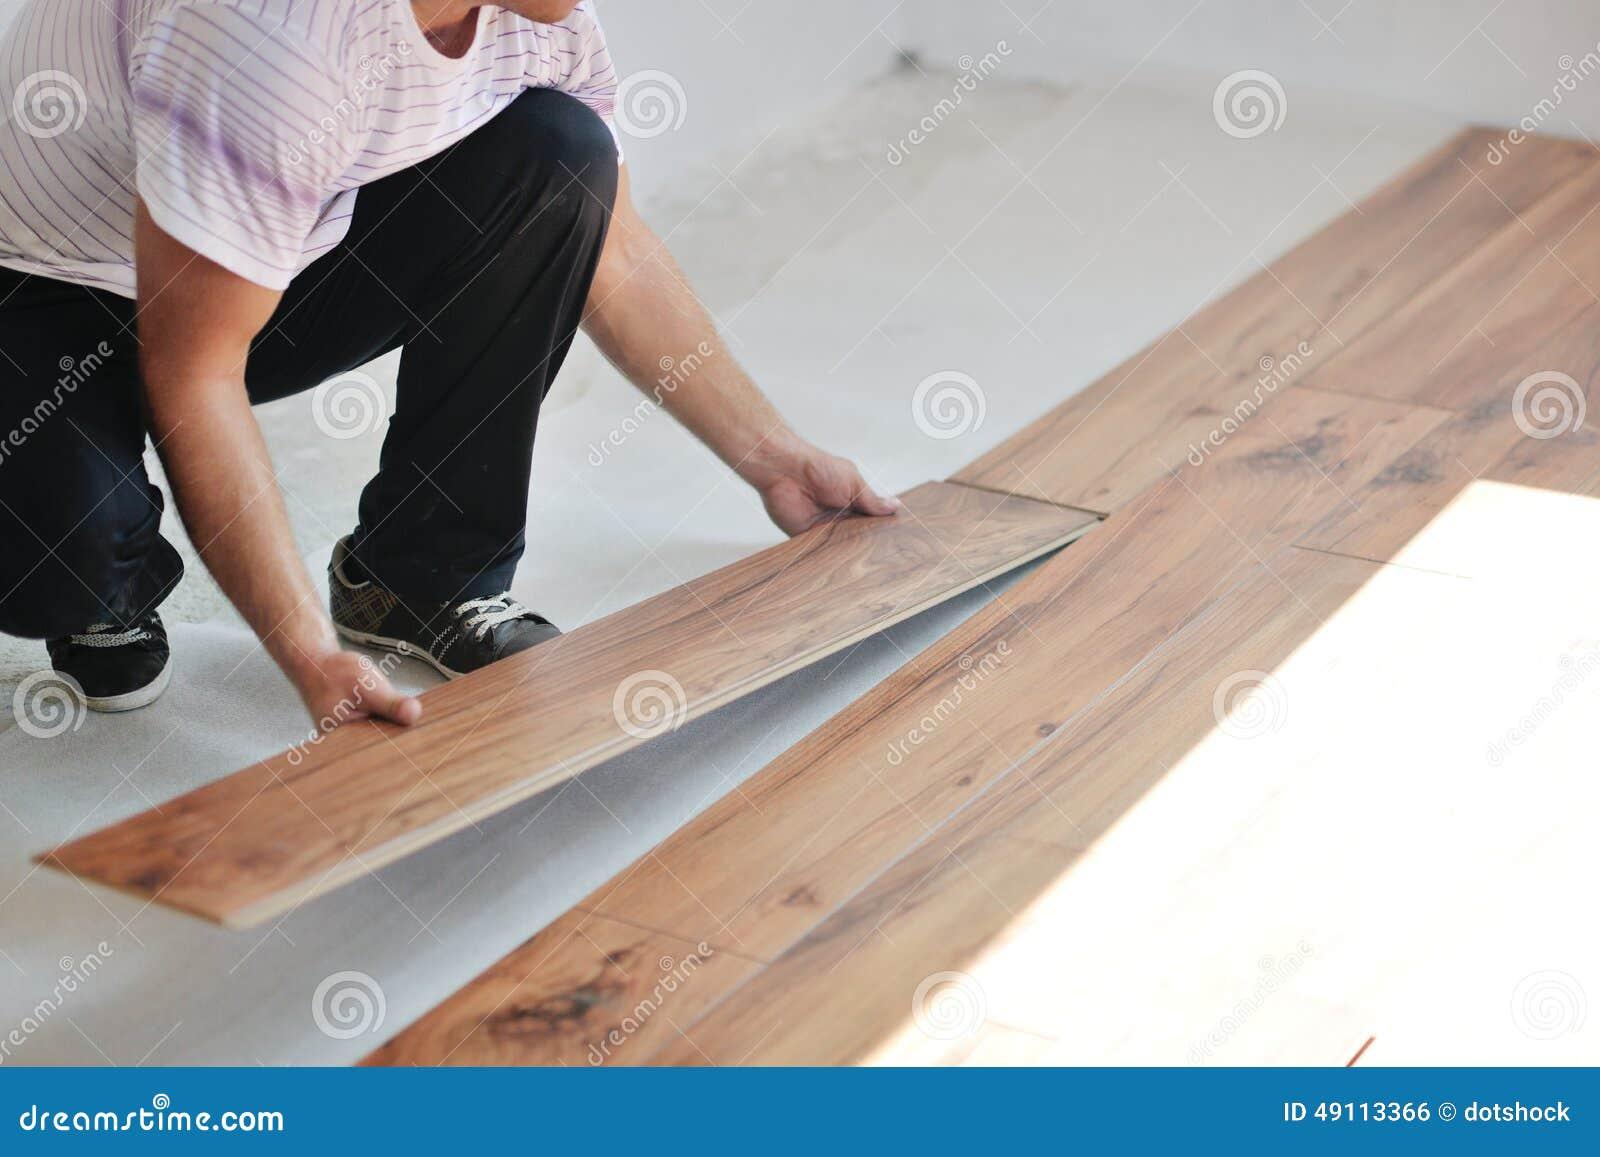 Instalación del suelo laminado